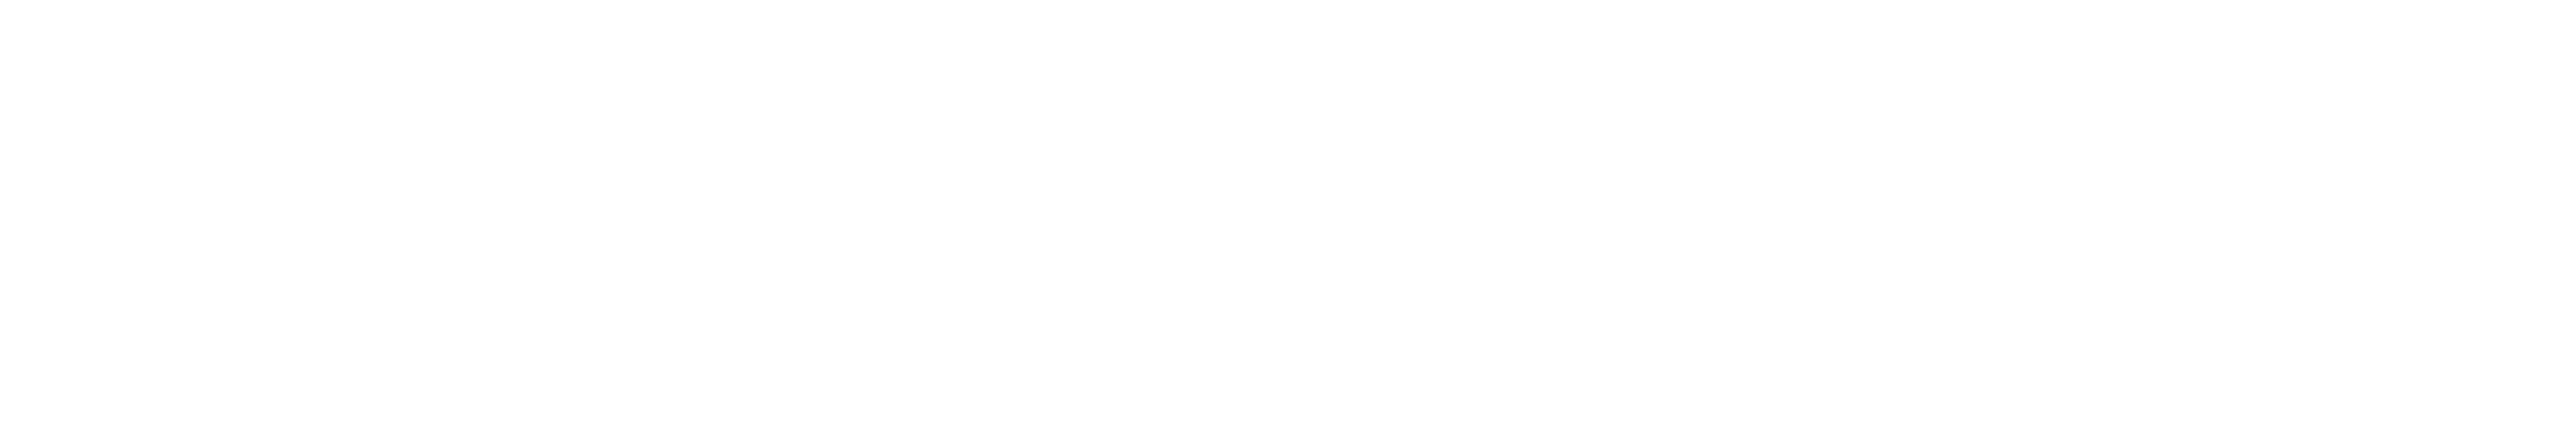 ATC-2021-NEG